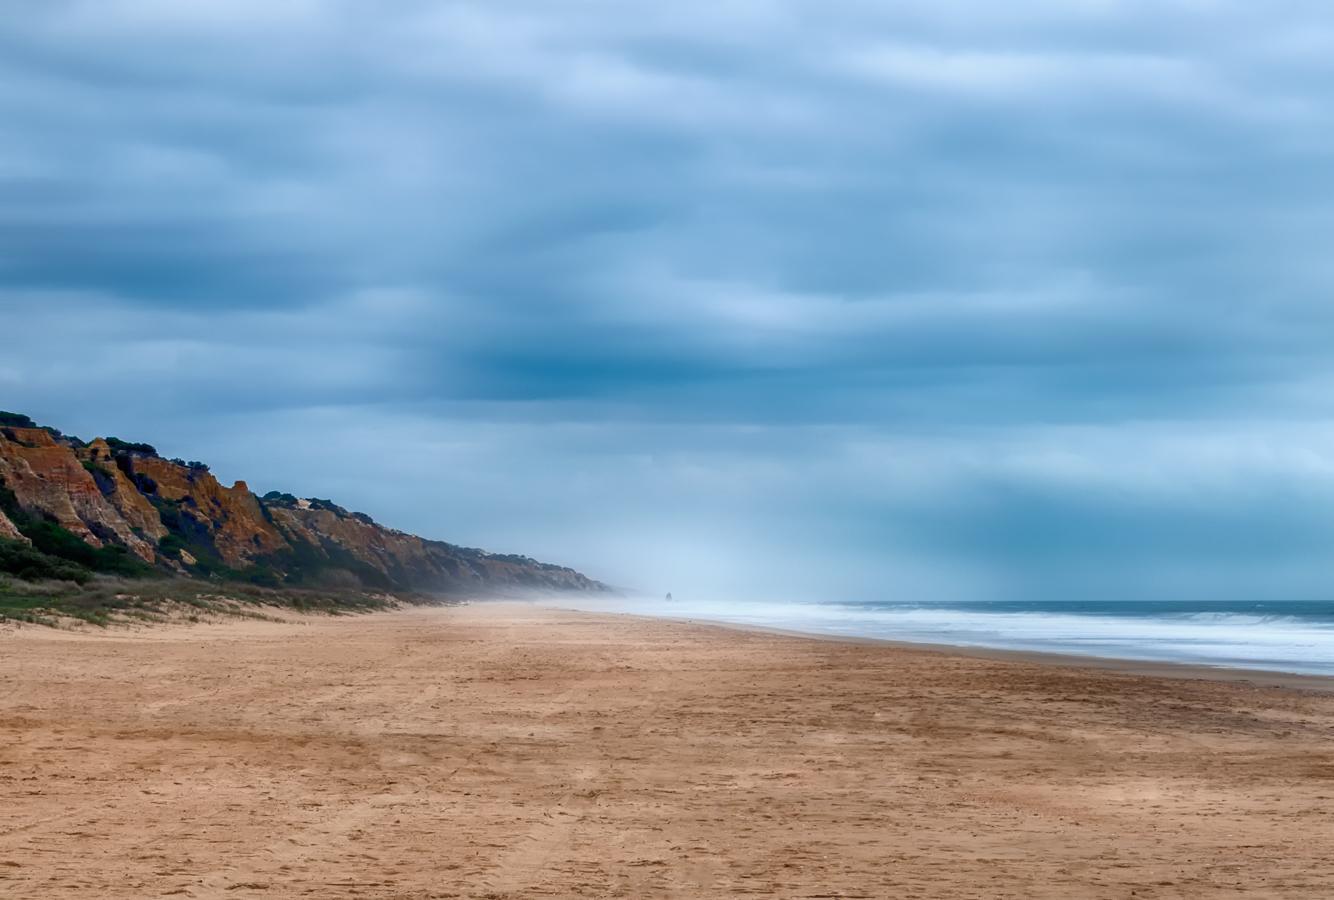 Fotografía de Miguel Portillo. Título: Horizontes de niebla.